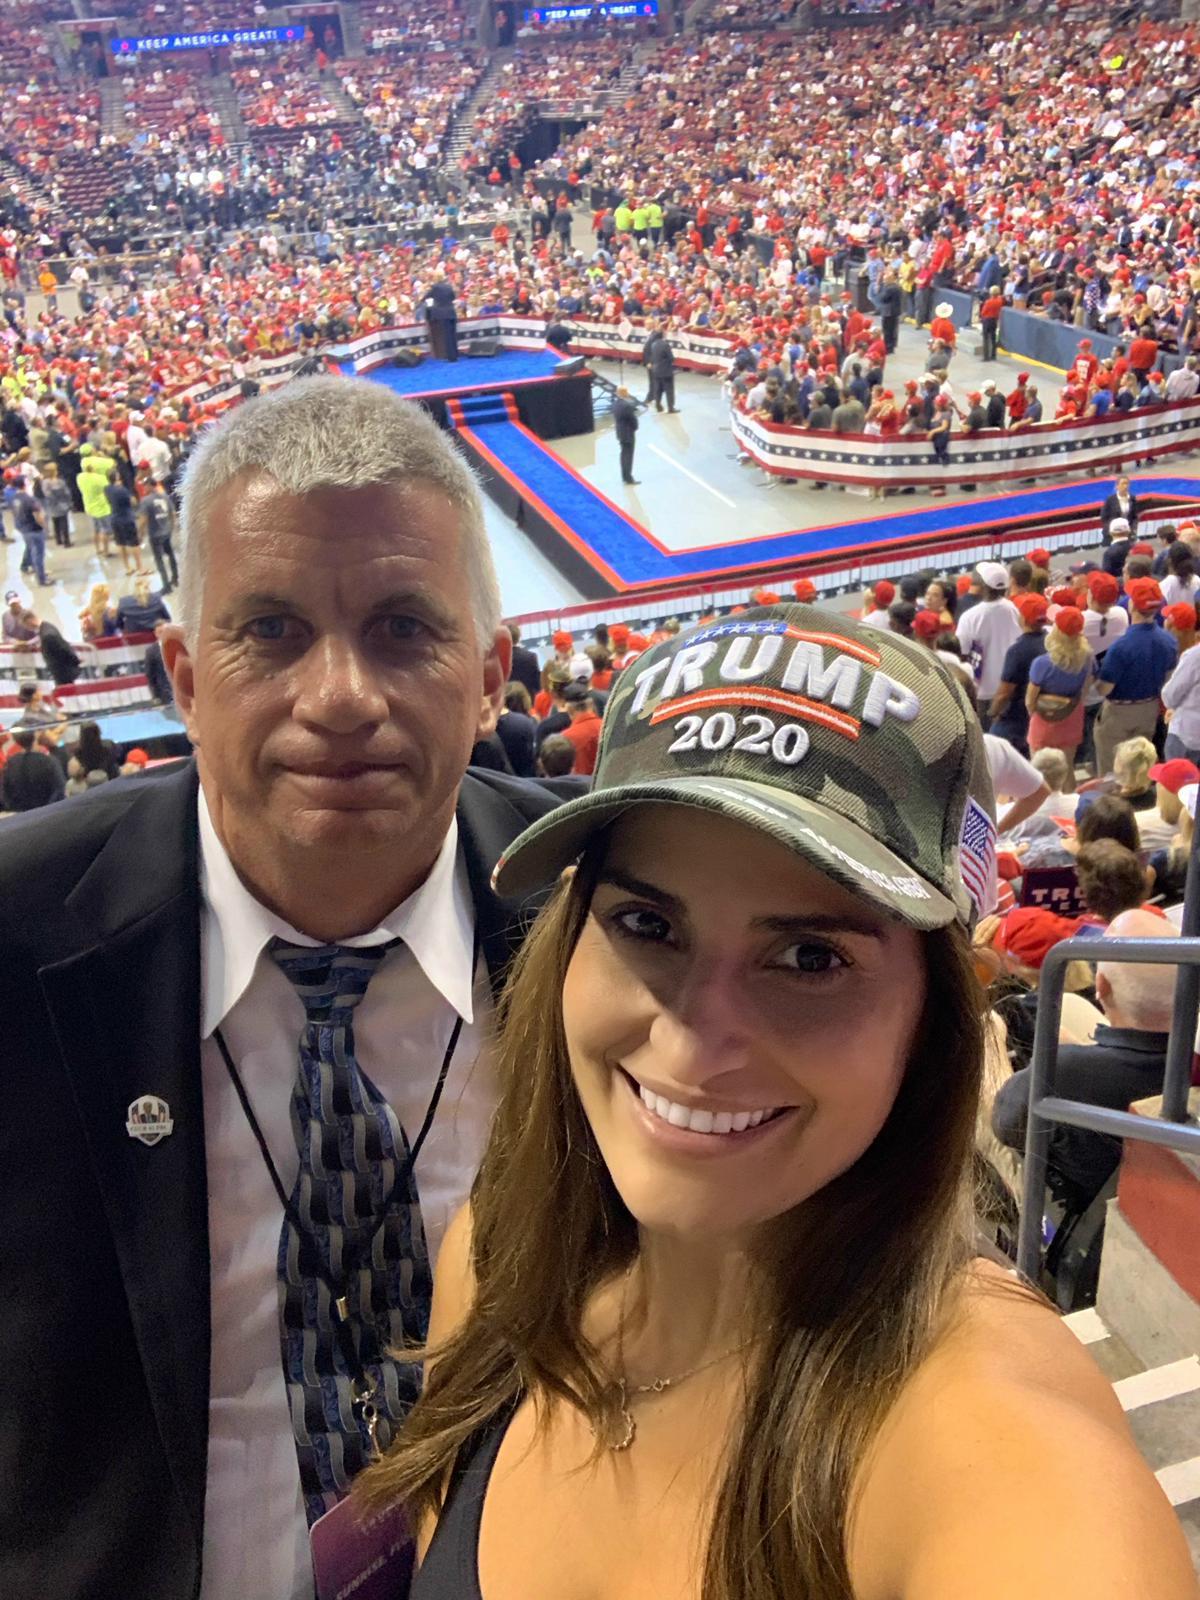 الجمهوريون واثقون.. الفوز لترامب